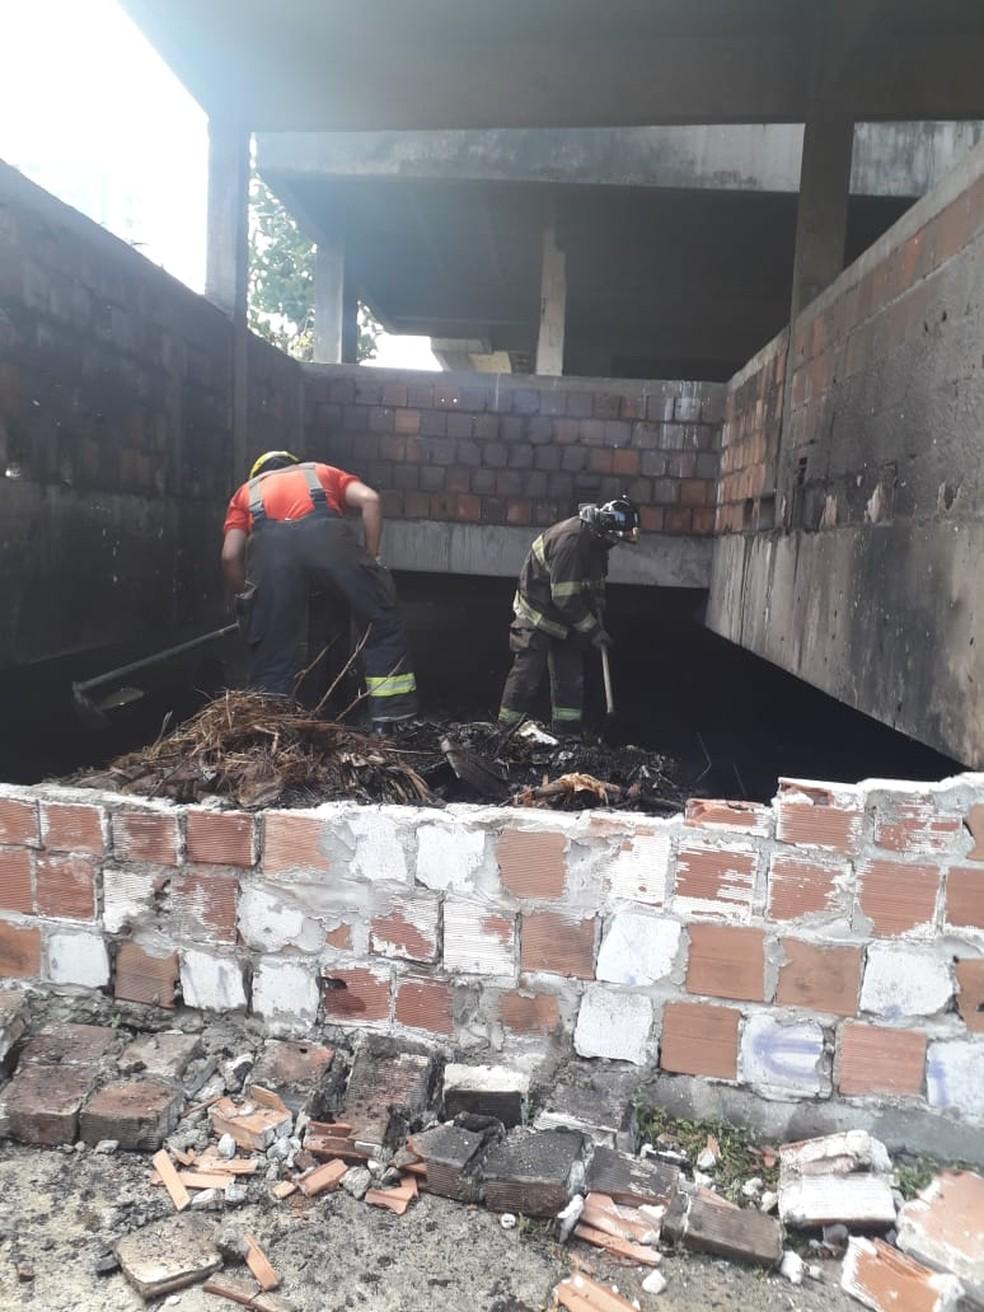 Bombeiros foram acionados para apagar fogo que atingiu entulho de subsolo de prédio abandonado em Mangabeiras, Maceió, AL — Foto: Ascom/CBMAL